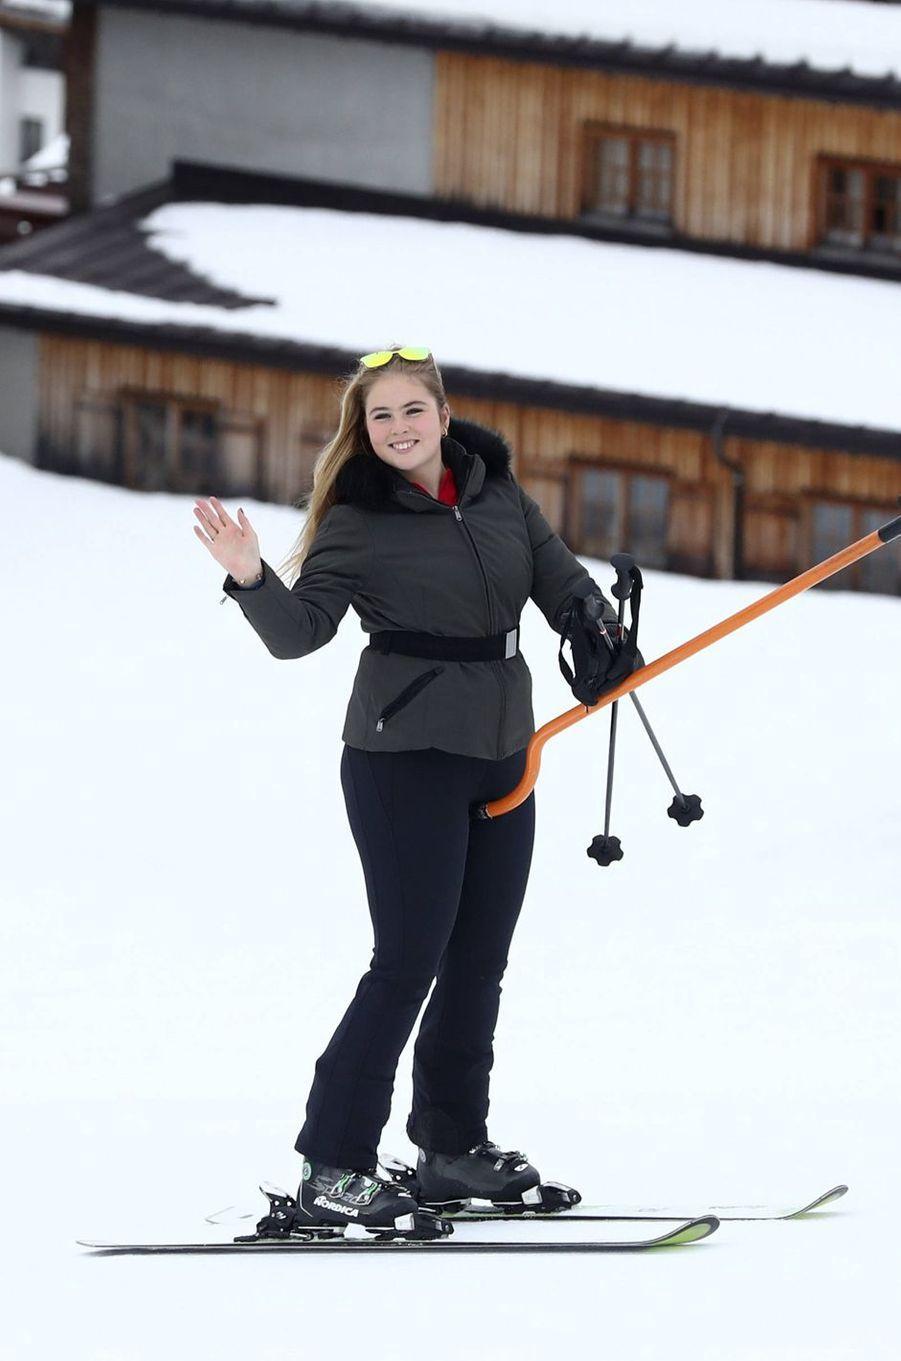 La princesse Catharina-Amalia des Pays-Bas au ski à Lech en Autriche, le 25 février 2019